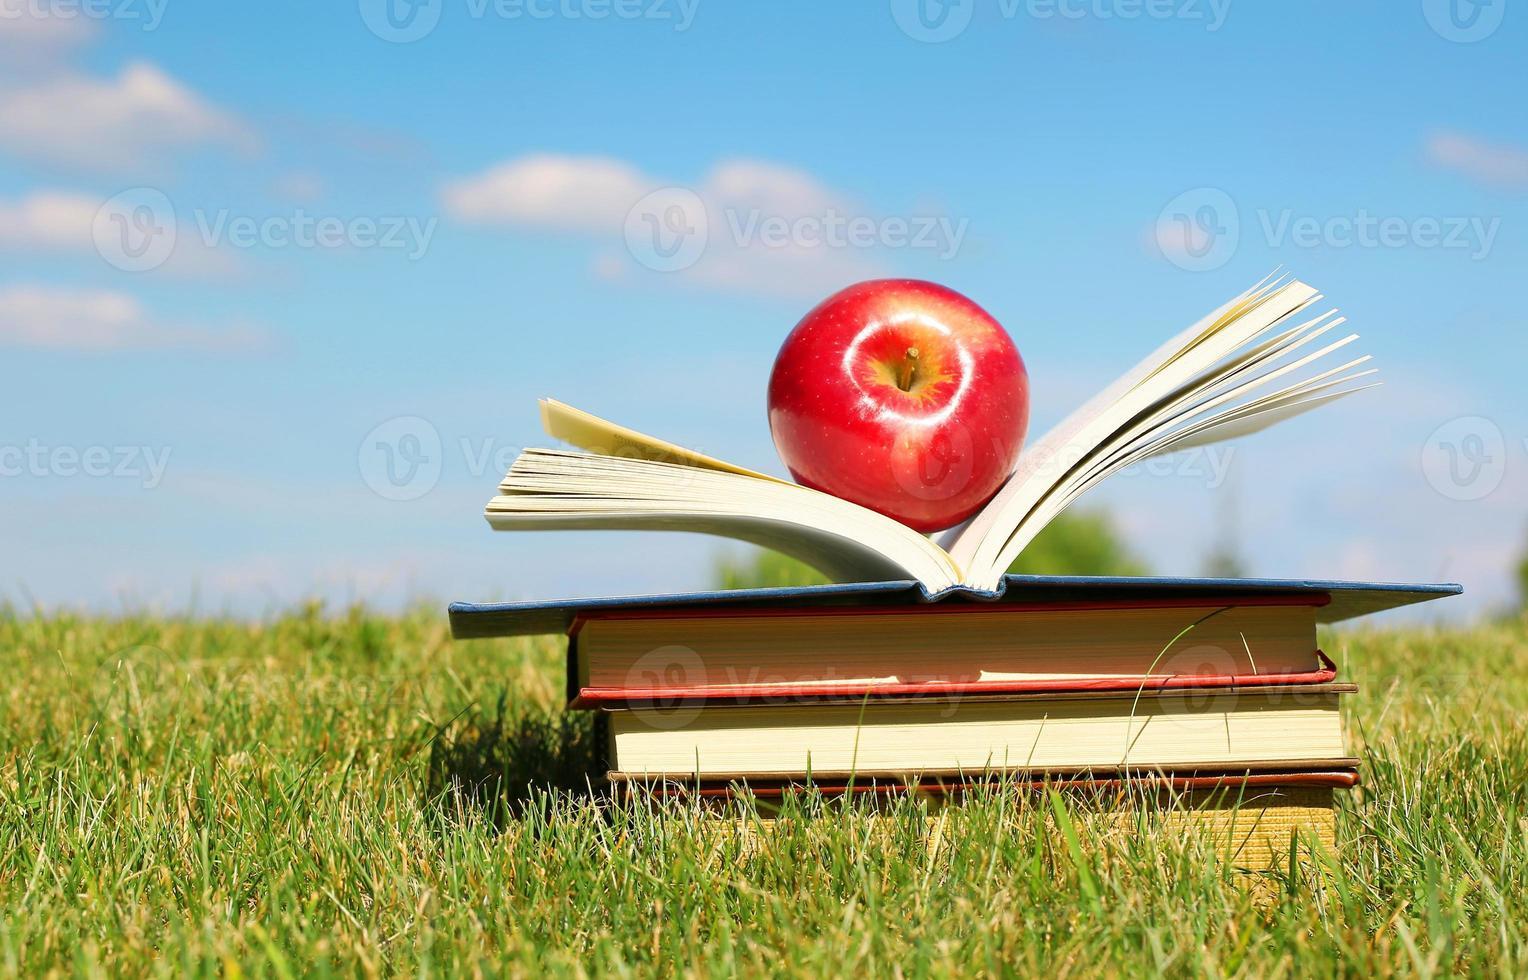 tillbaka till skolan. öppen bok och äpple på gräs foto